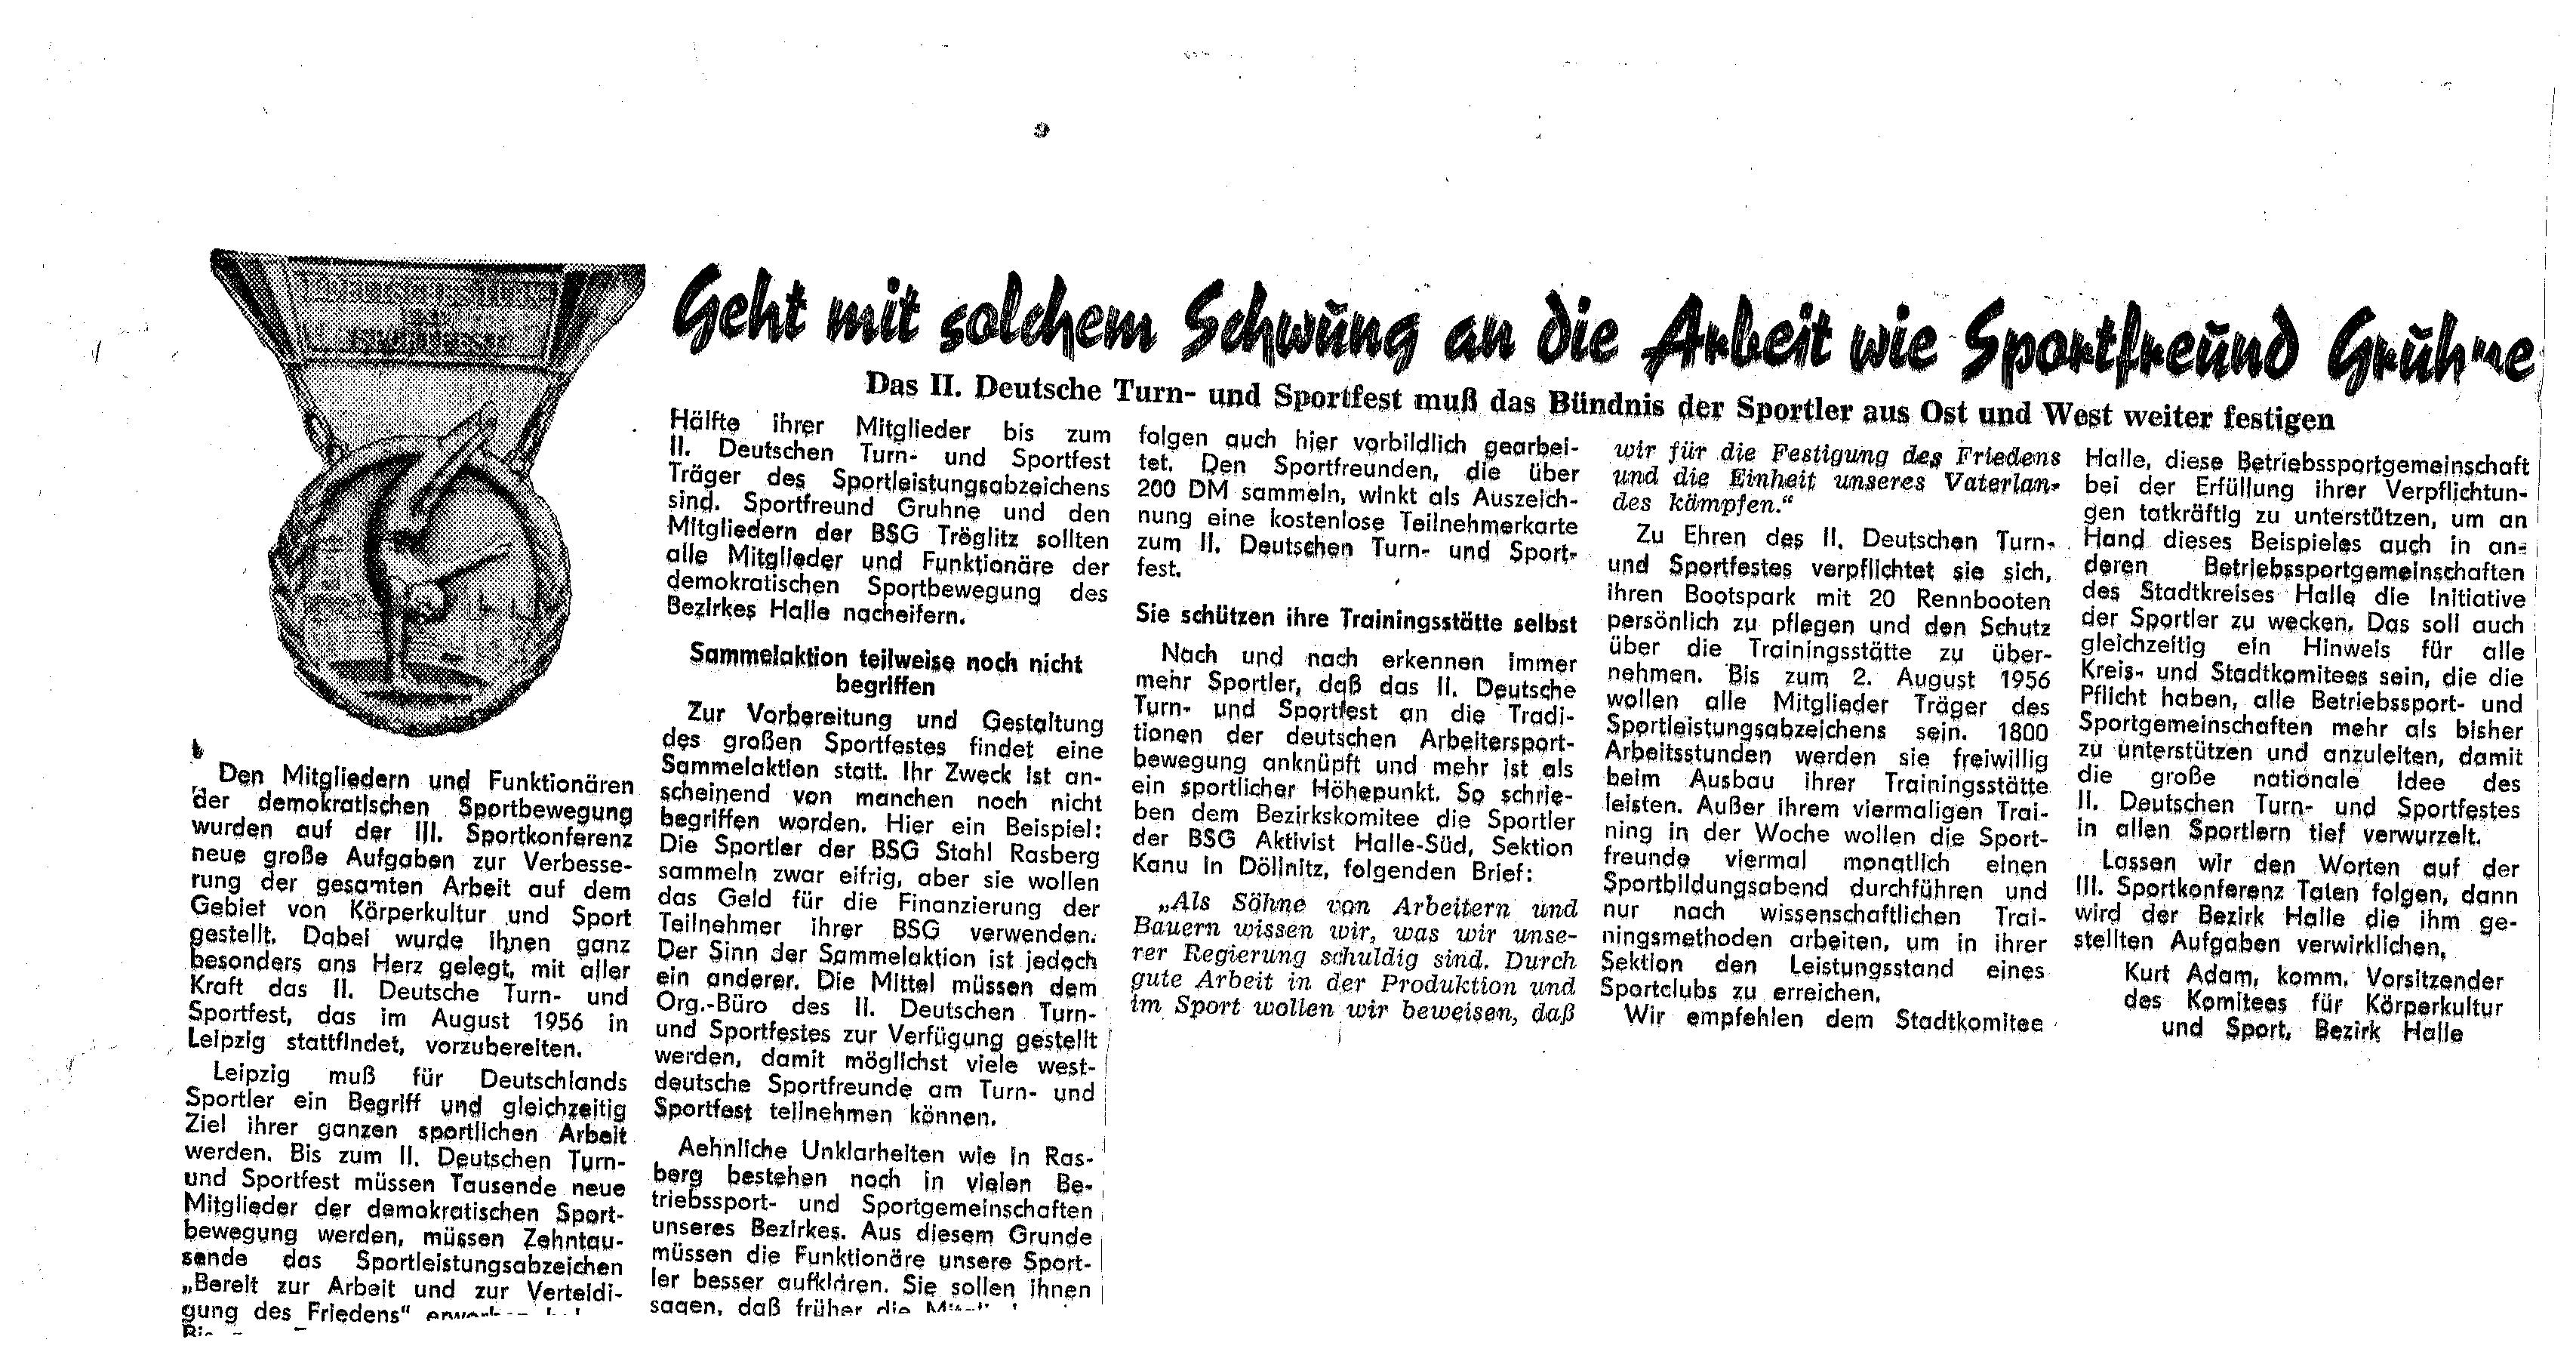 1956-08-geht-mit-solchem-schwung-an-die-arbeit-wie-sportfreund-gruhne